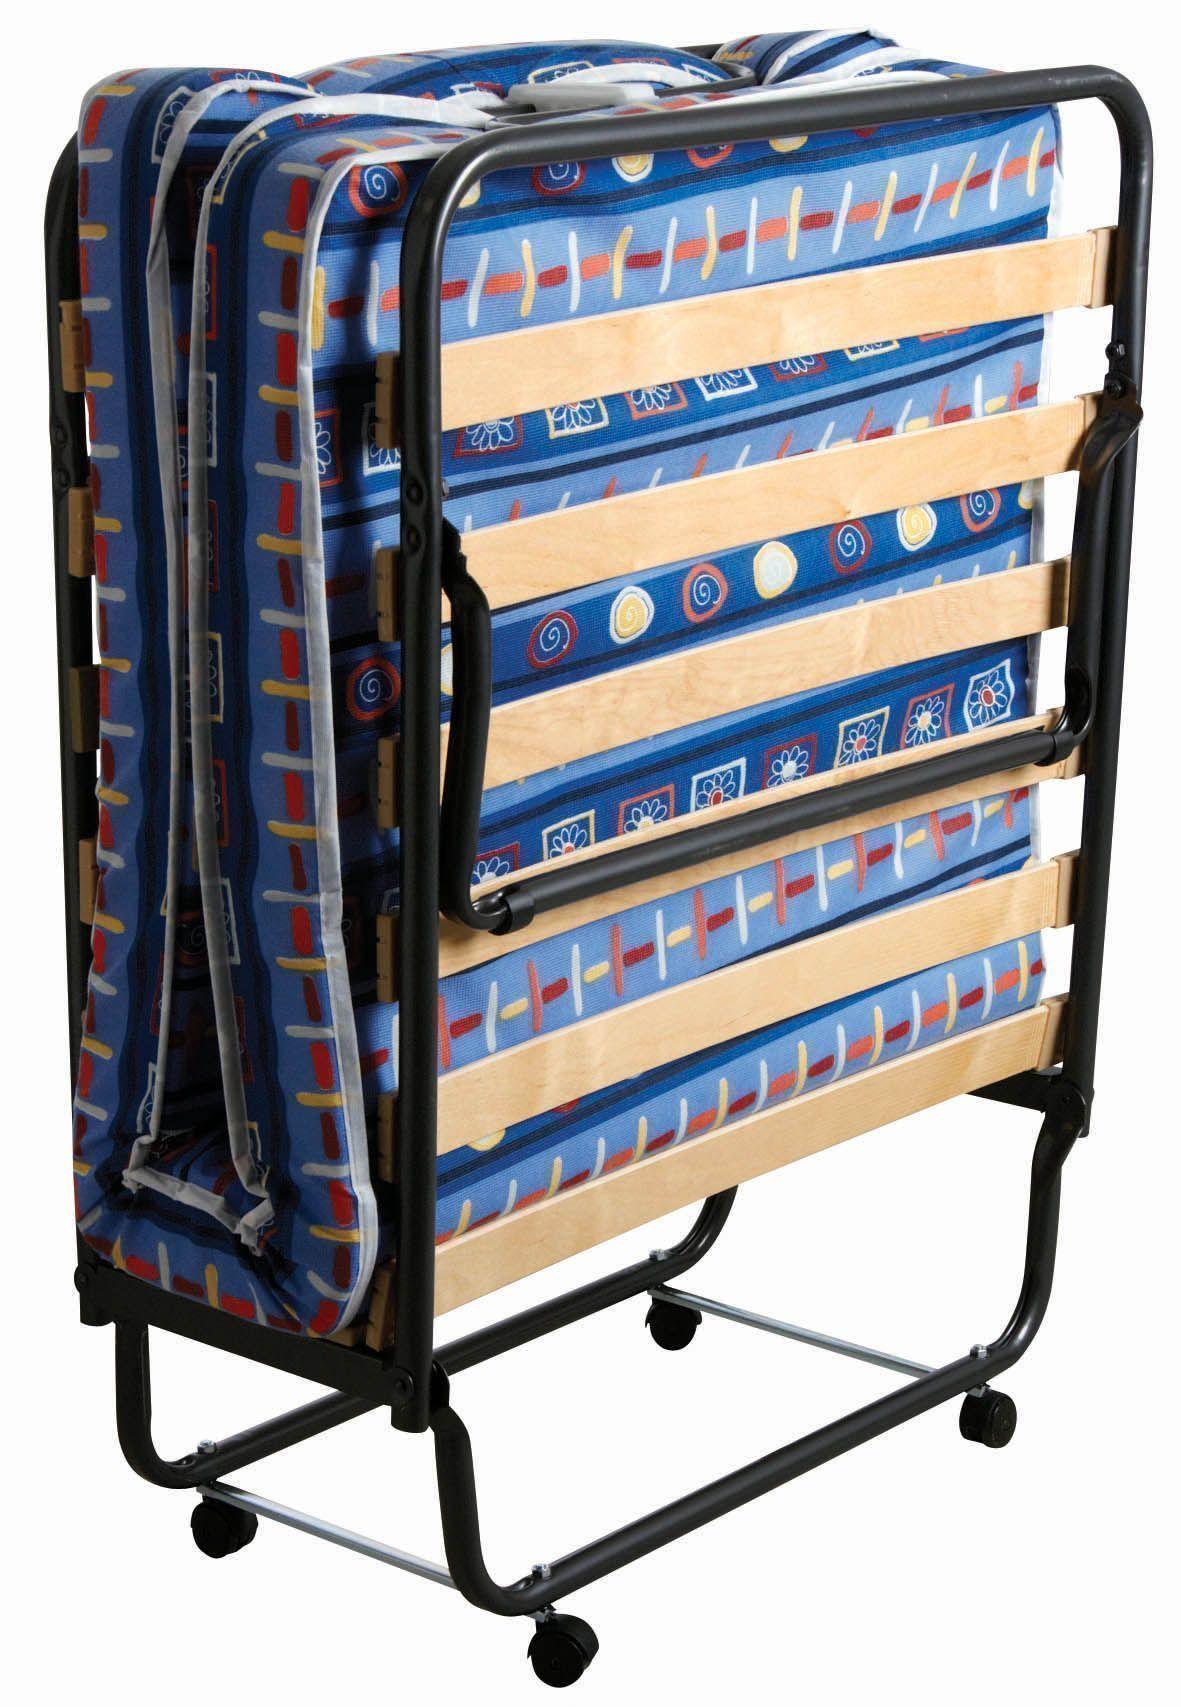 lit d 39 appoint pliant como bleu fonc. Black Bedroom Furniture Sets. Home Design Ideas